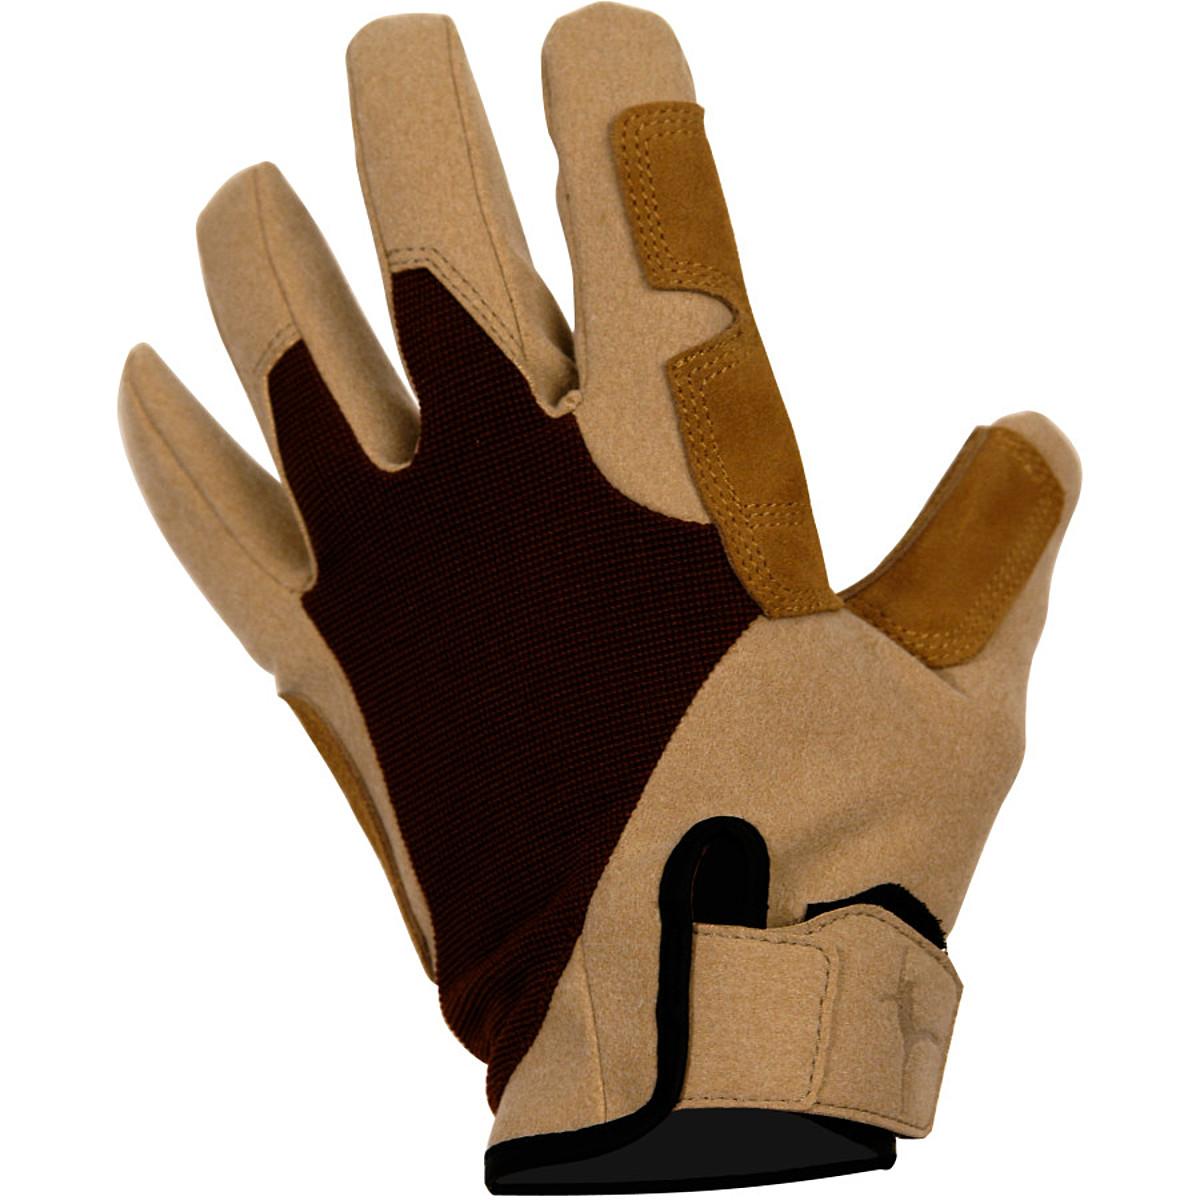 Metolius Iron Hand Climbing Glove